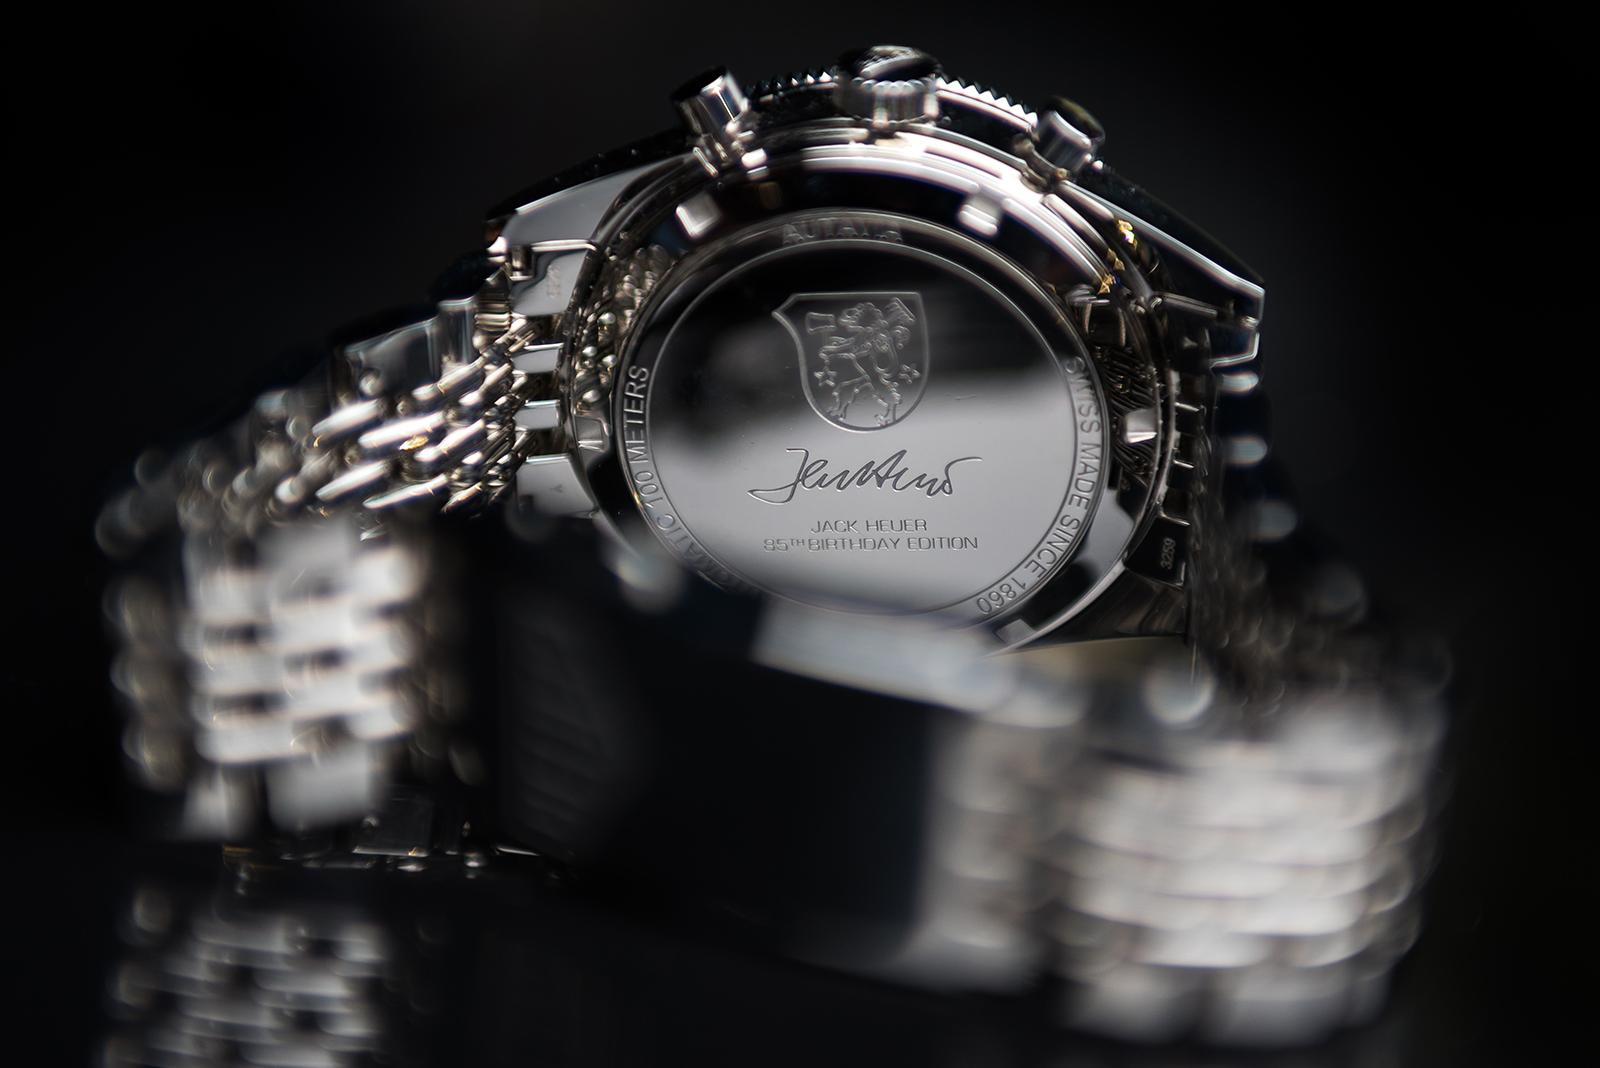 TAG Heuer Autavia Jack Heuer Limited Edition